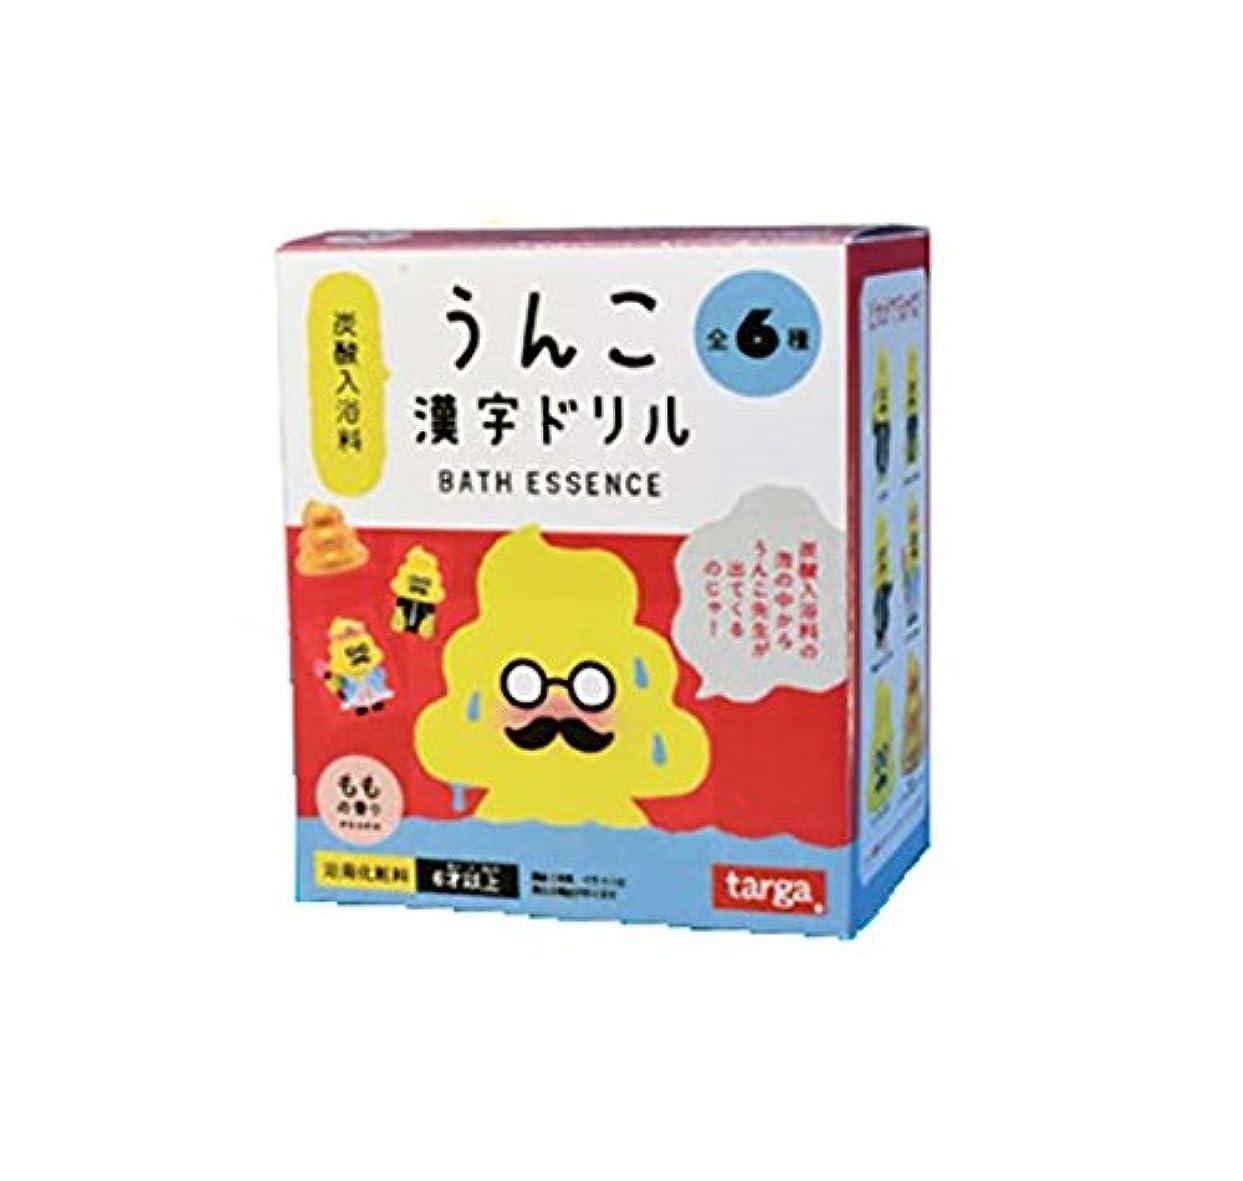 オーチャード並外れてトチの実の木うんこ漢字ドリル 炭酸入浴料 BOX